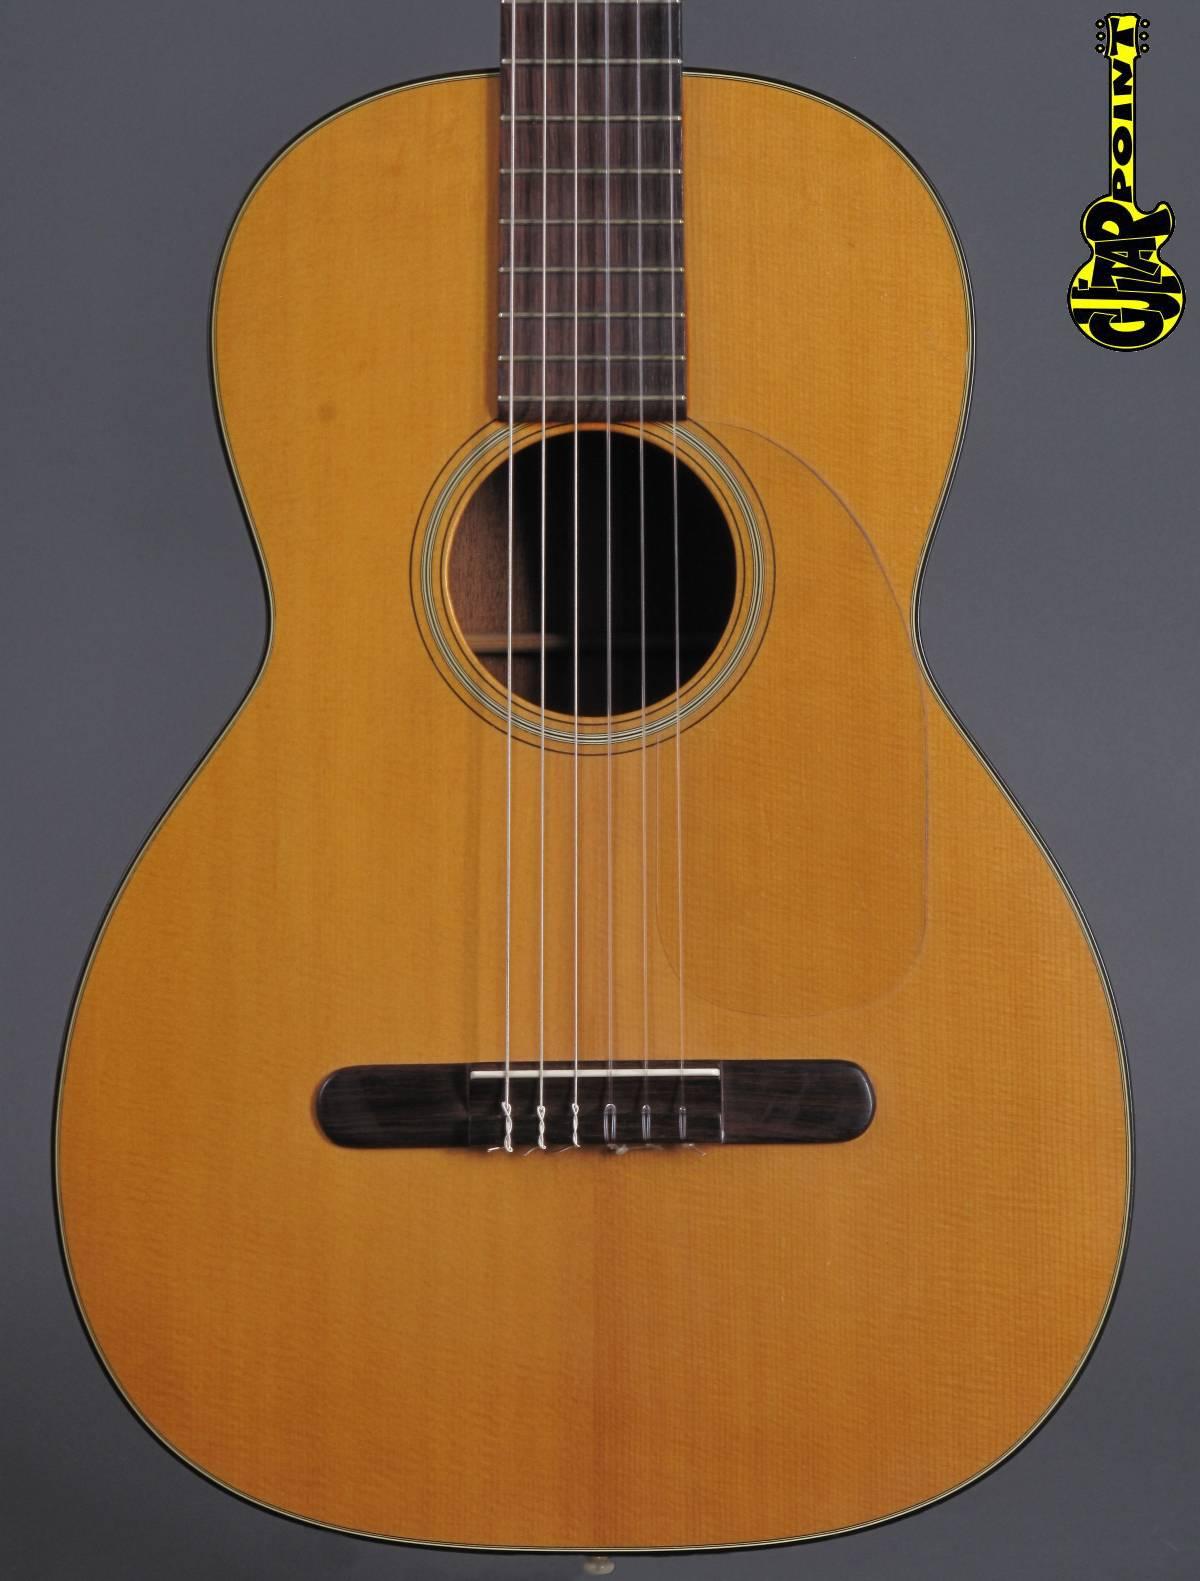 1970 Martin 00-16C - Natural